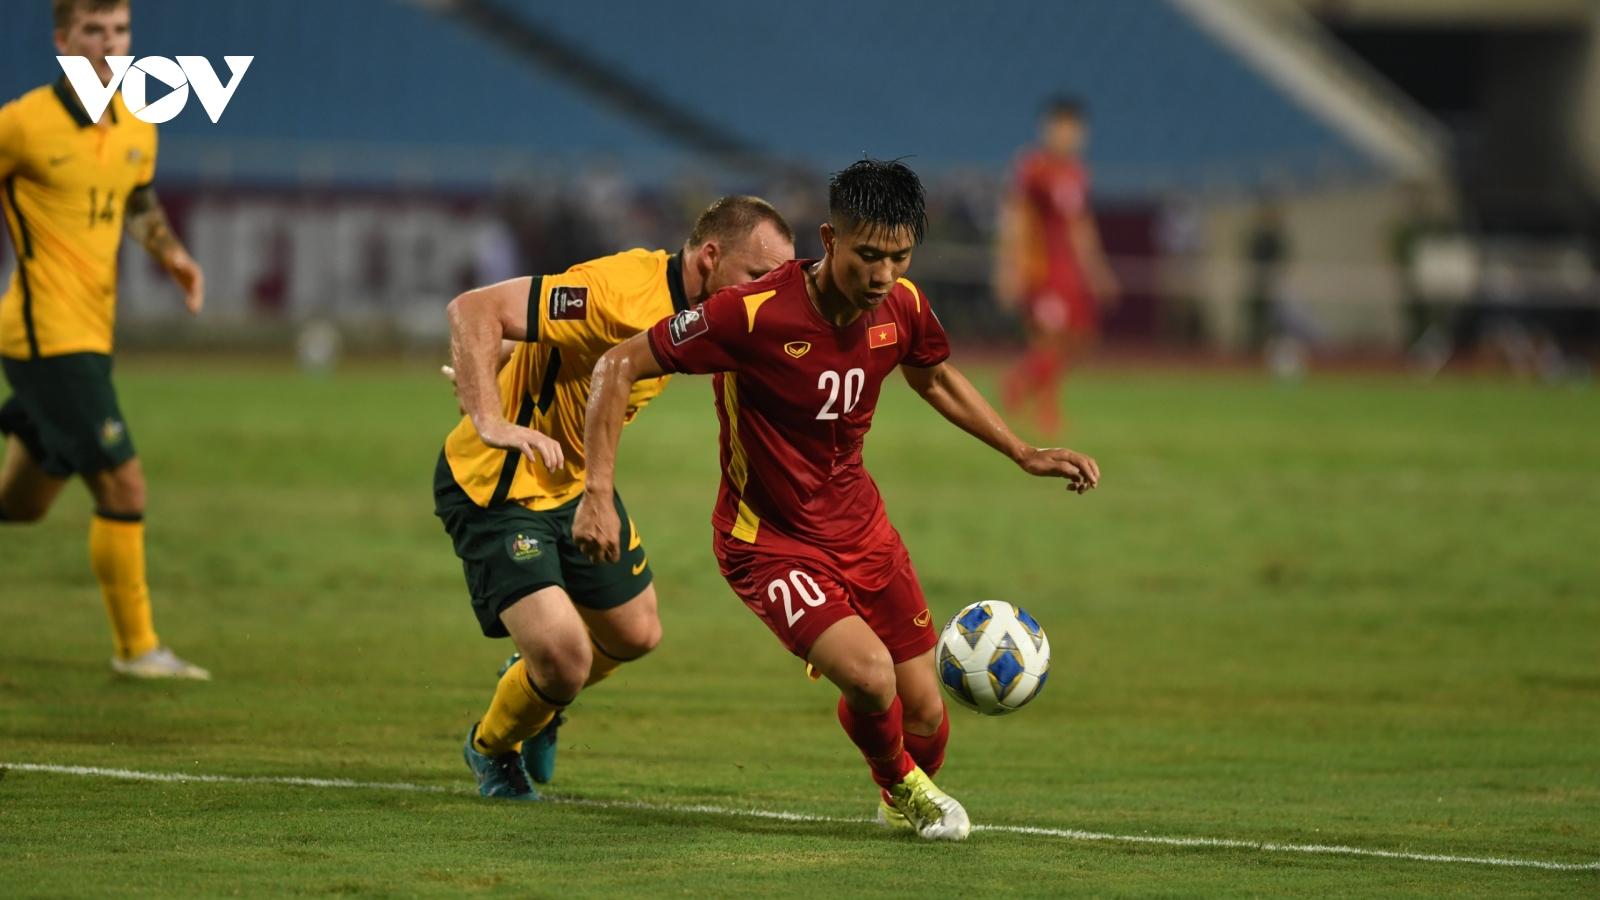 VAR từ chối phạt đền, ĐT Việt Nam thua sít sao trước Australia trên sân Mỹ Đình